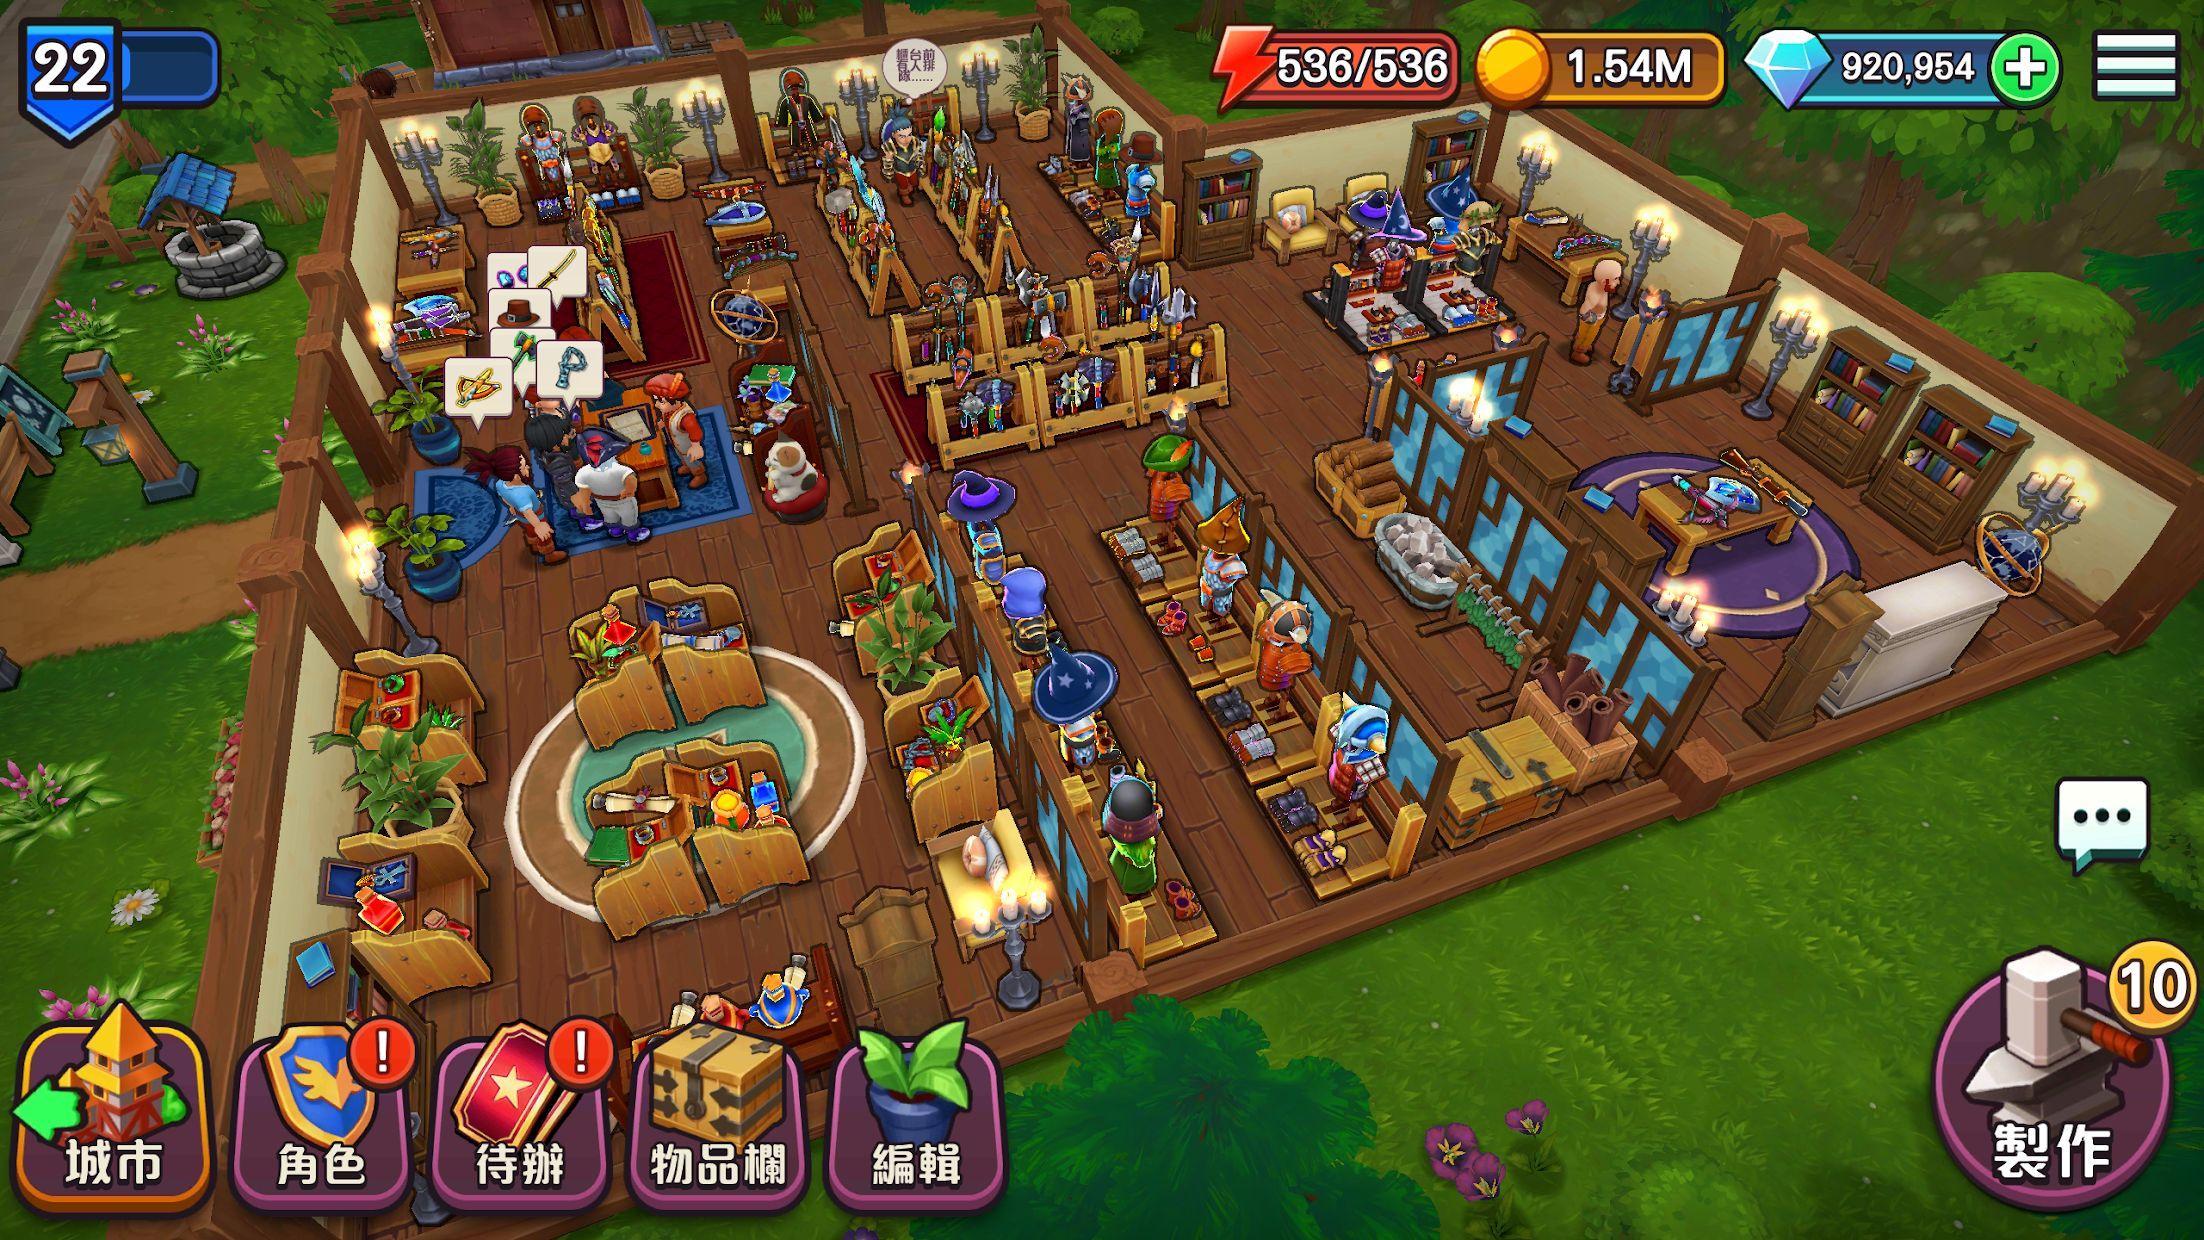 传奇商店 游戏截图5